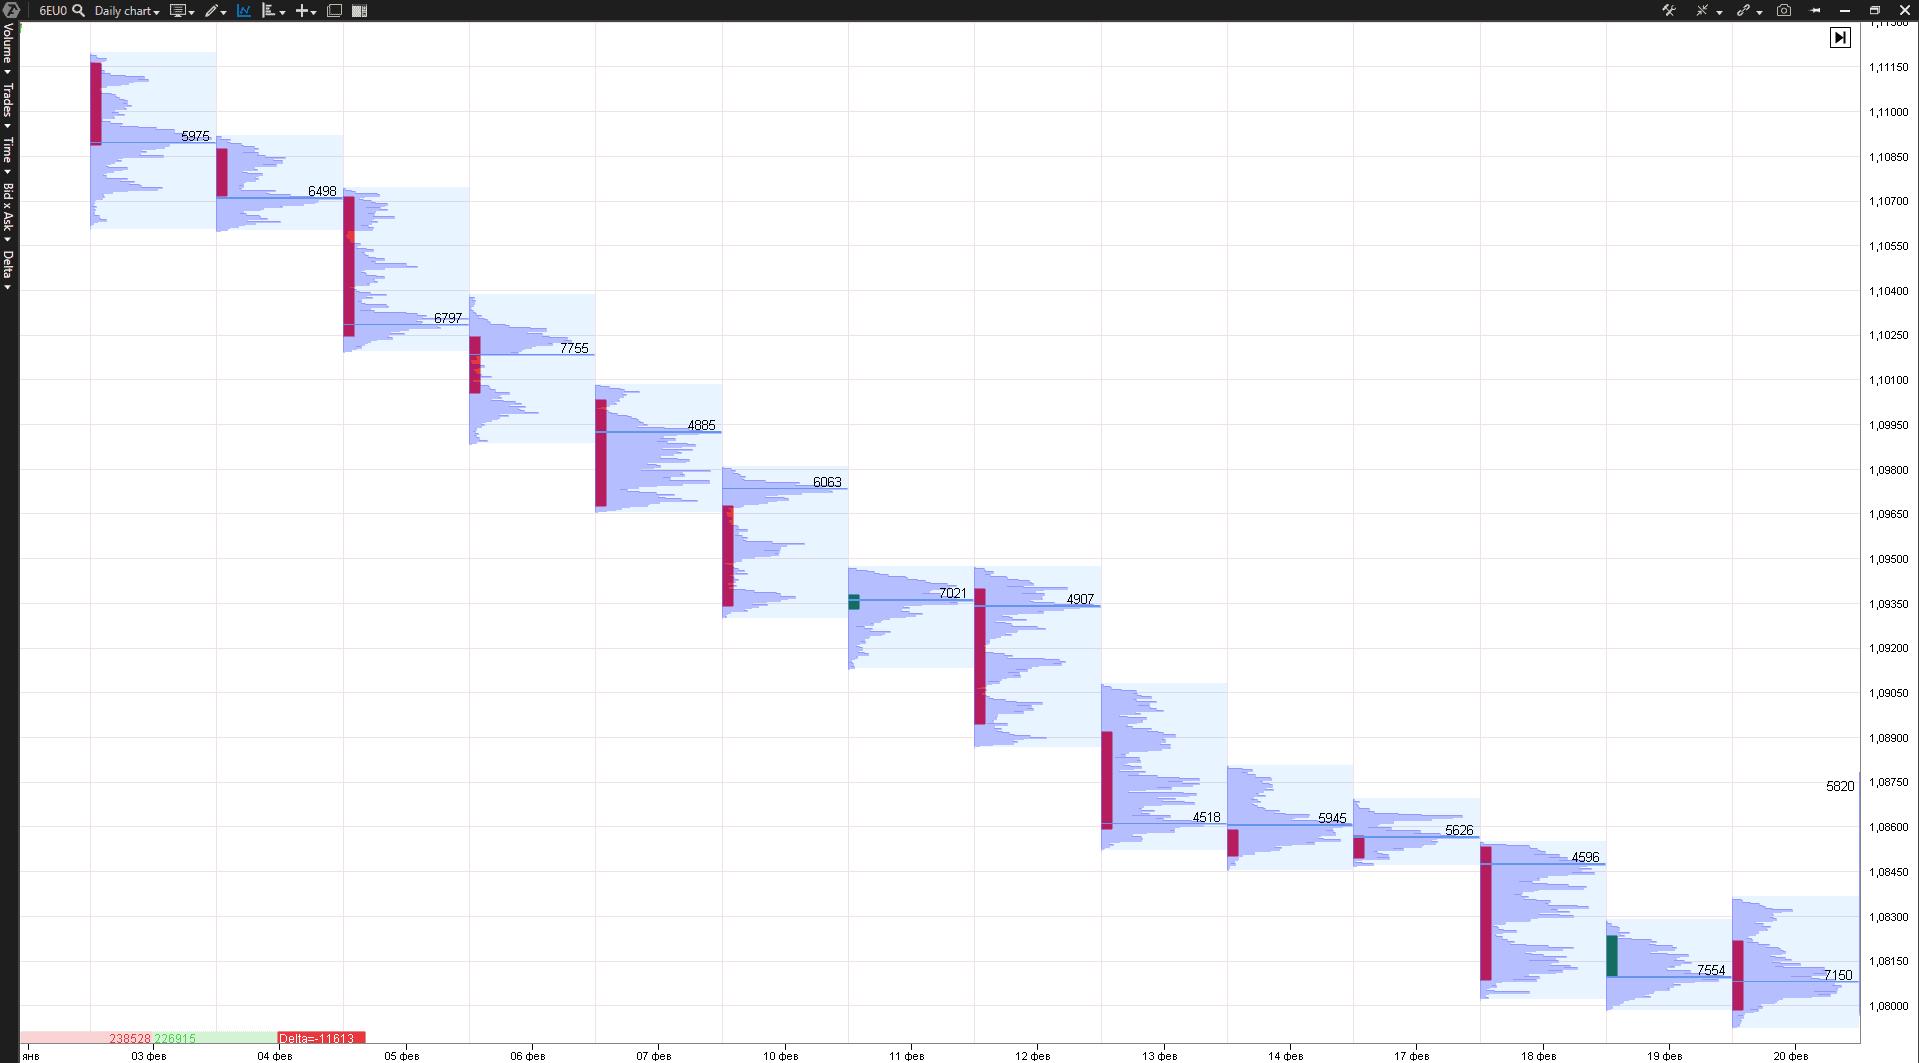 устойчивый медвежий тренд на рынке евро